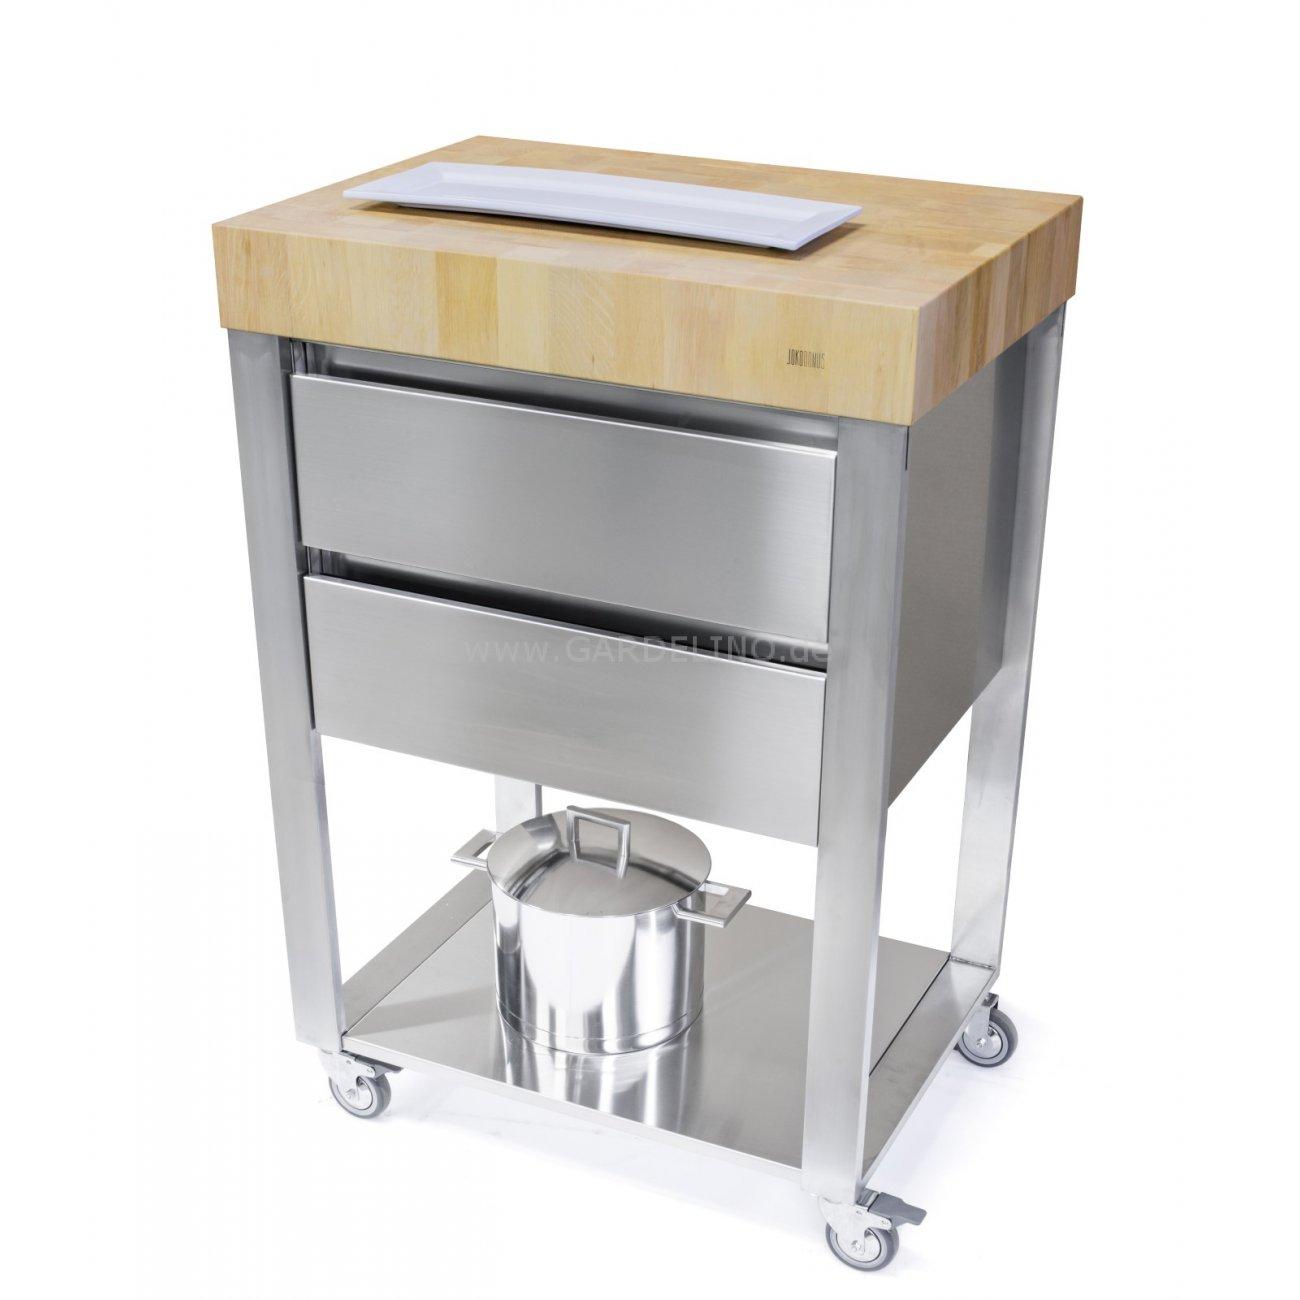 Küchenwagen Mit Schubladen : joko domus cun k chenwagen mit zwei schubladen ~ Whattoseeinmadrid.com Haus und Dekorationen